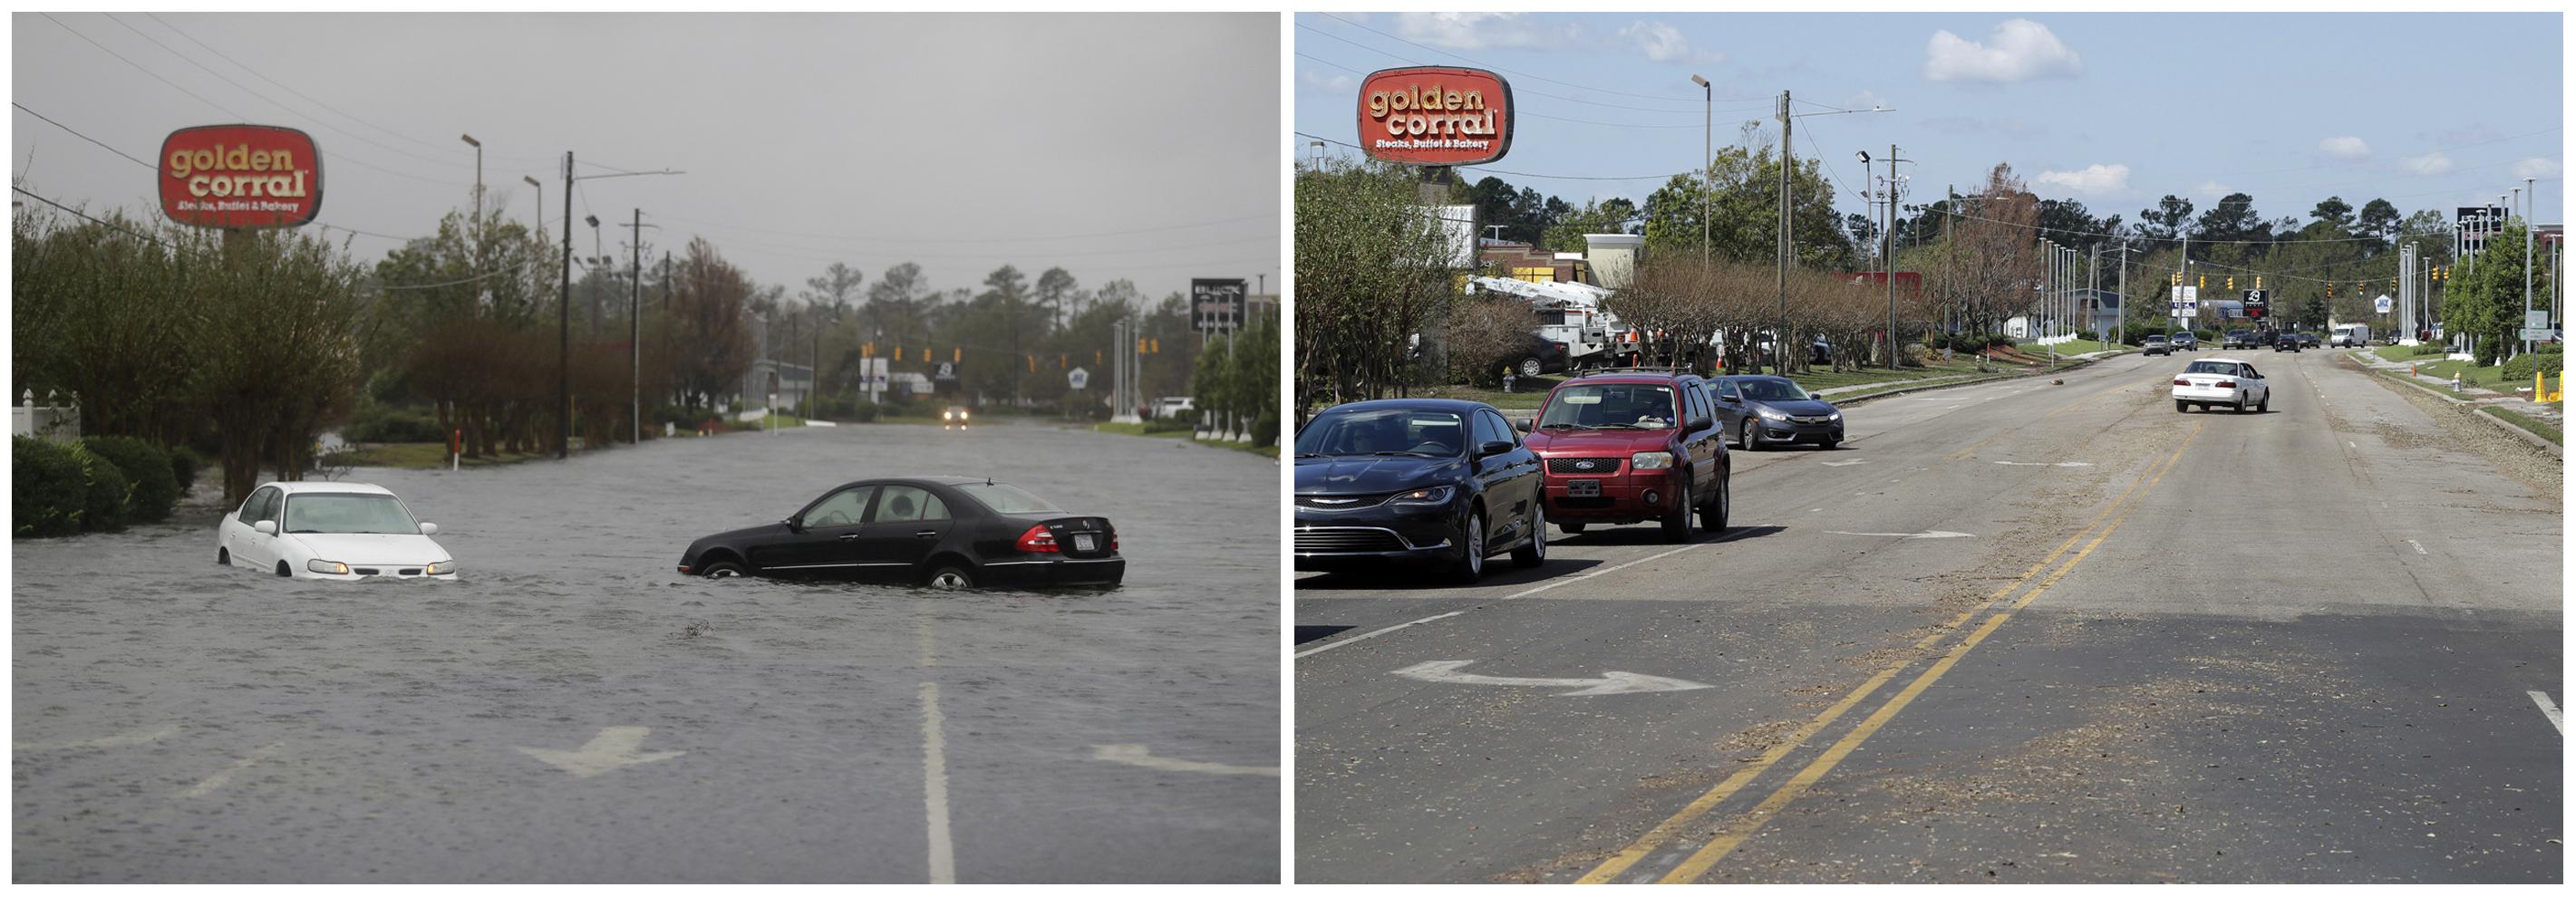 En esta combinación de fotografías, una inundación cubre una calle el 15 de septiembre de 2018, a la izquierda, y después, el 19 de septiembre, a la derecha, cuando había bajado de nivel tras el paso del huracán Florence en Wilmington, Carolina del Norte. (AP Foto/Chuck Burton)